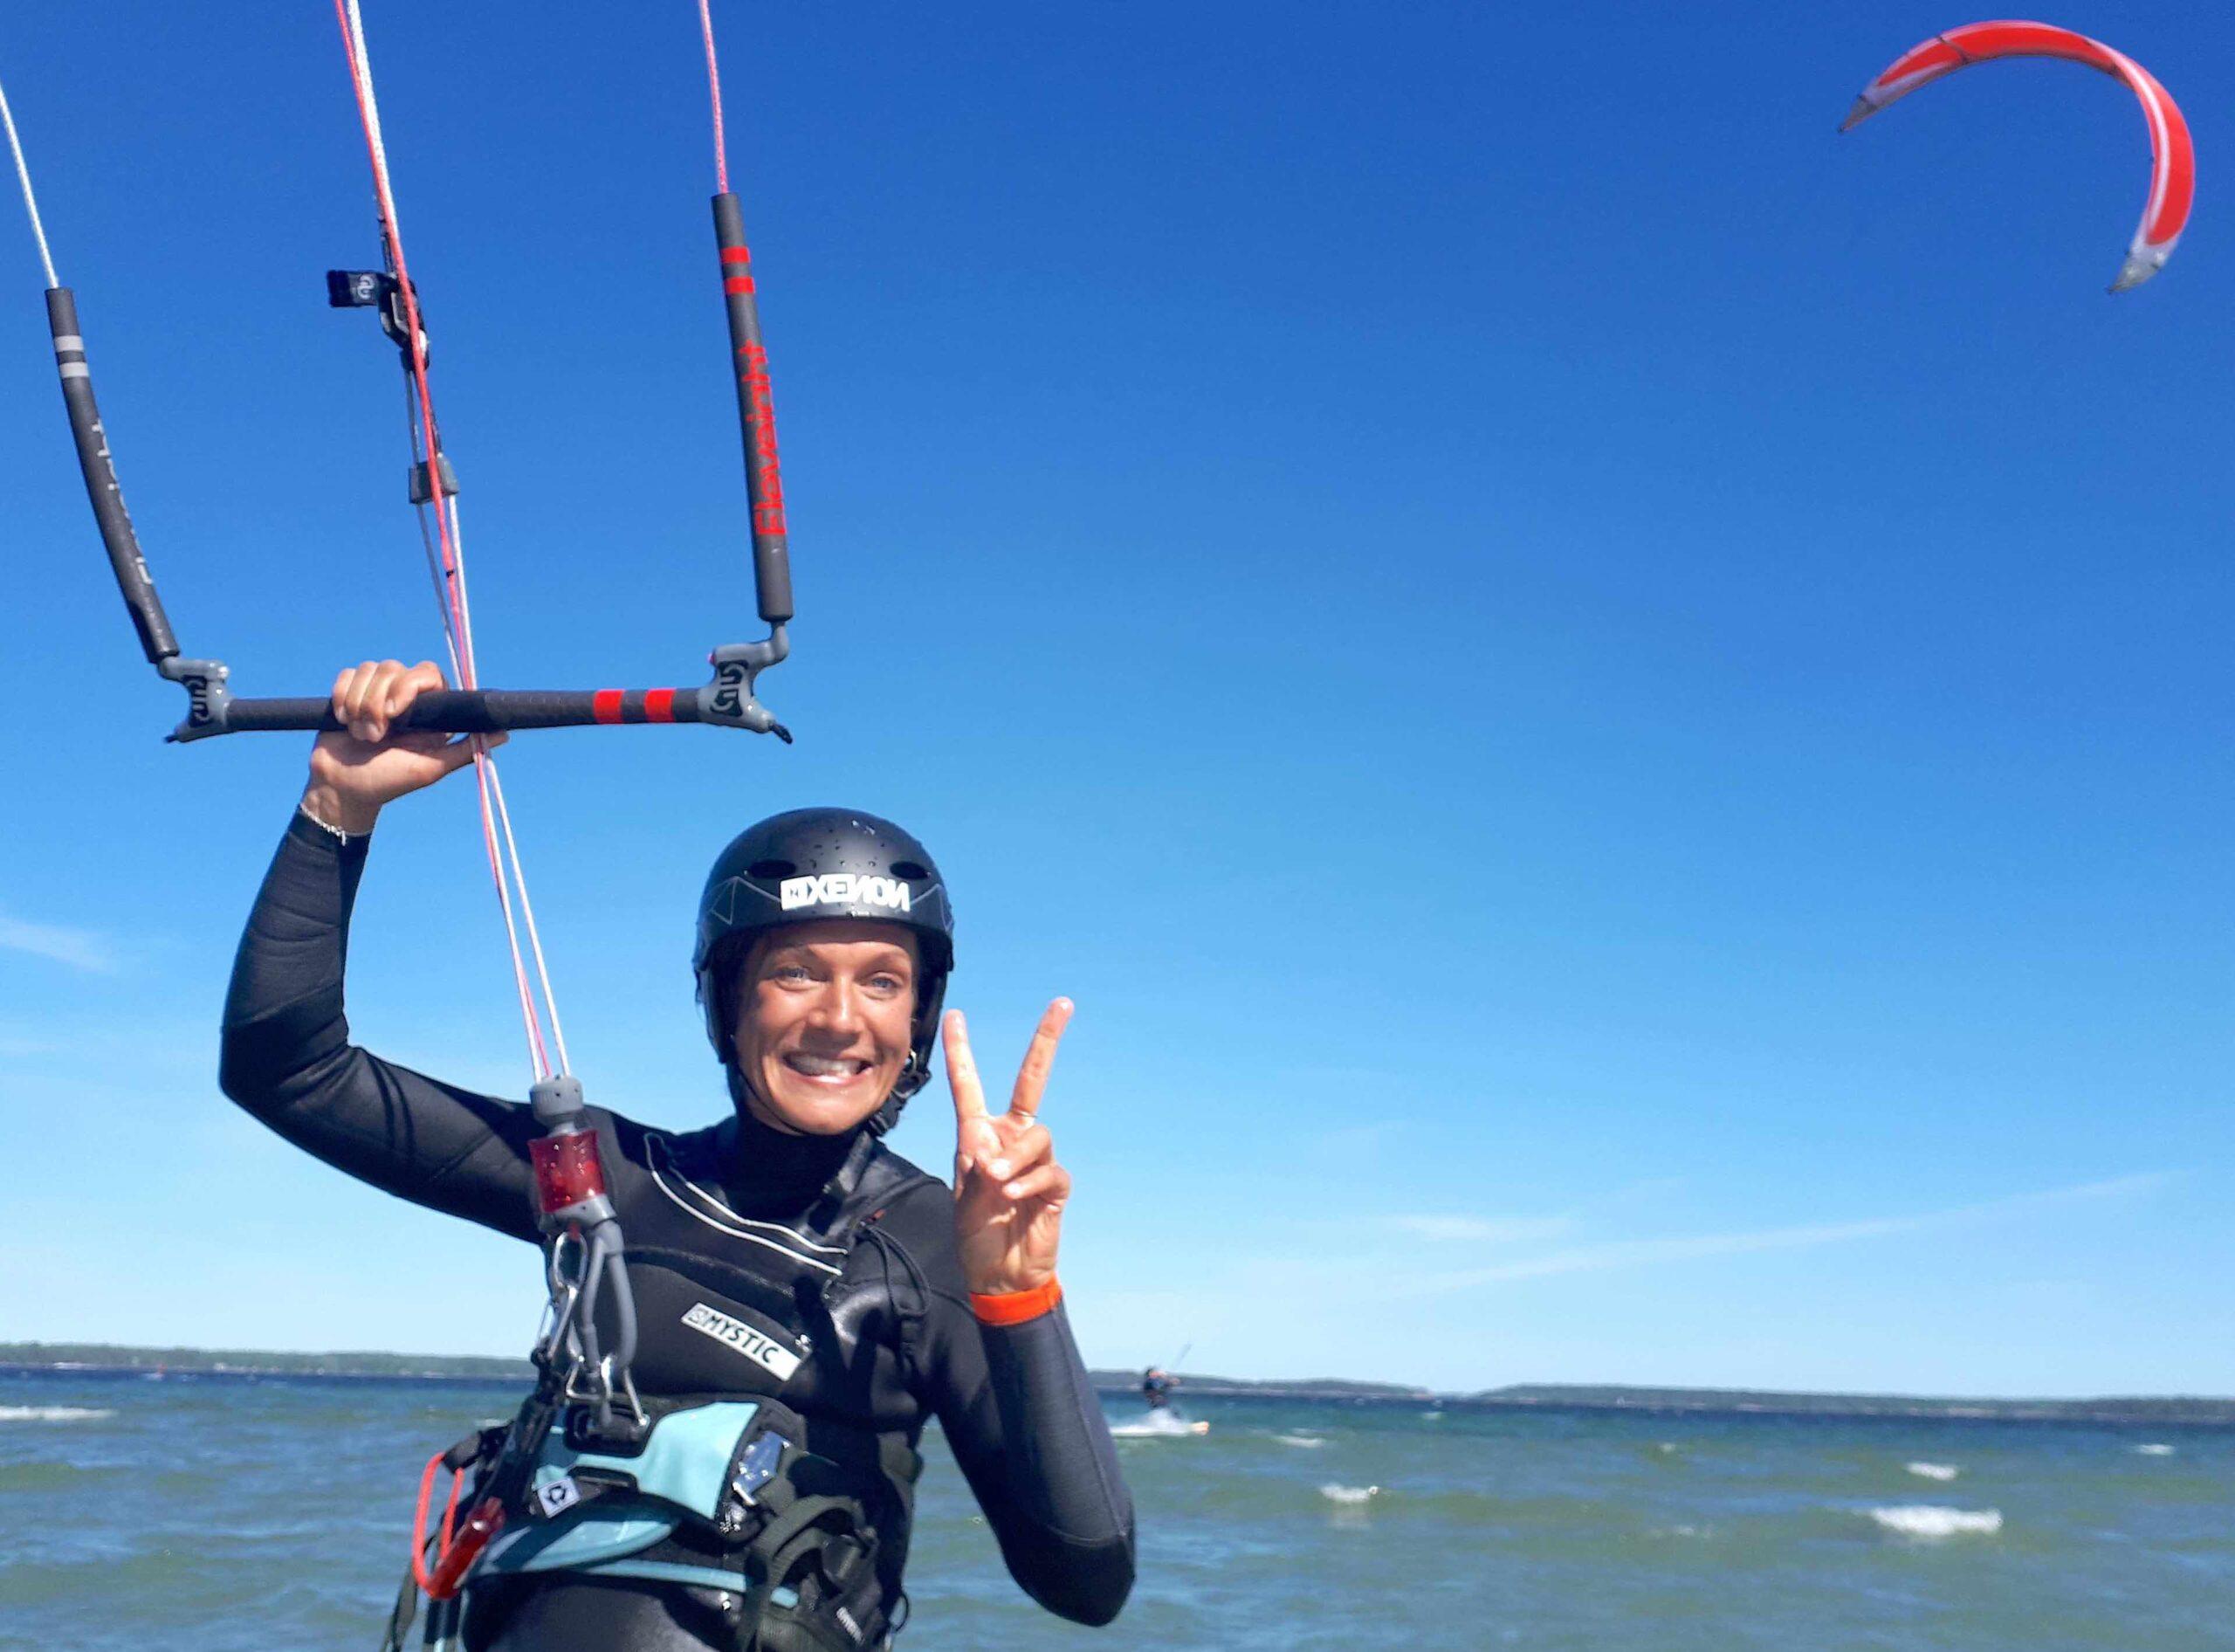 Have fun kitesurfing